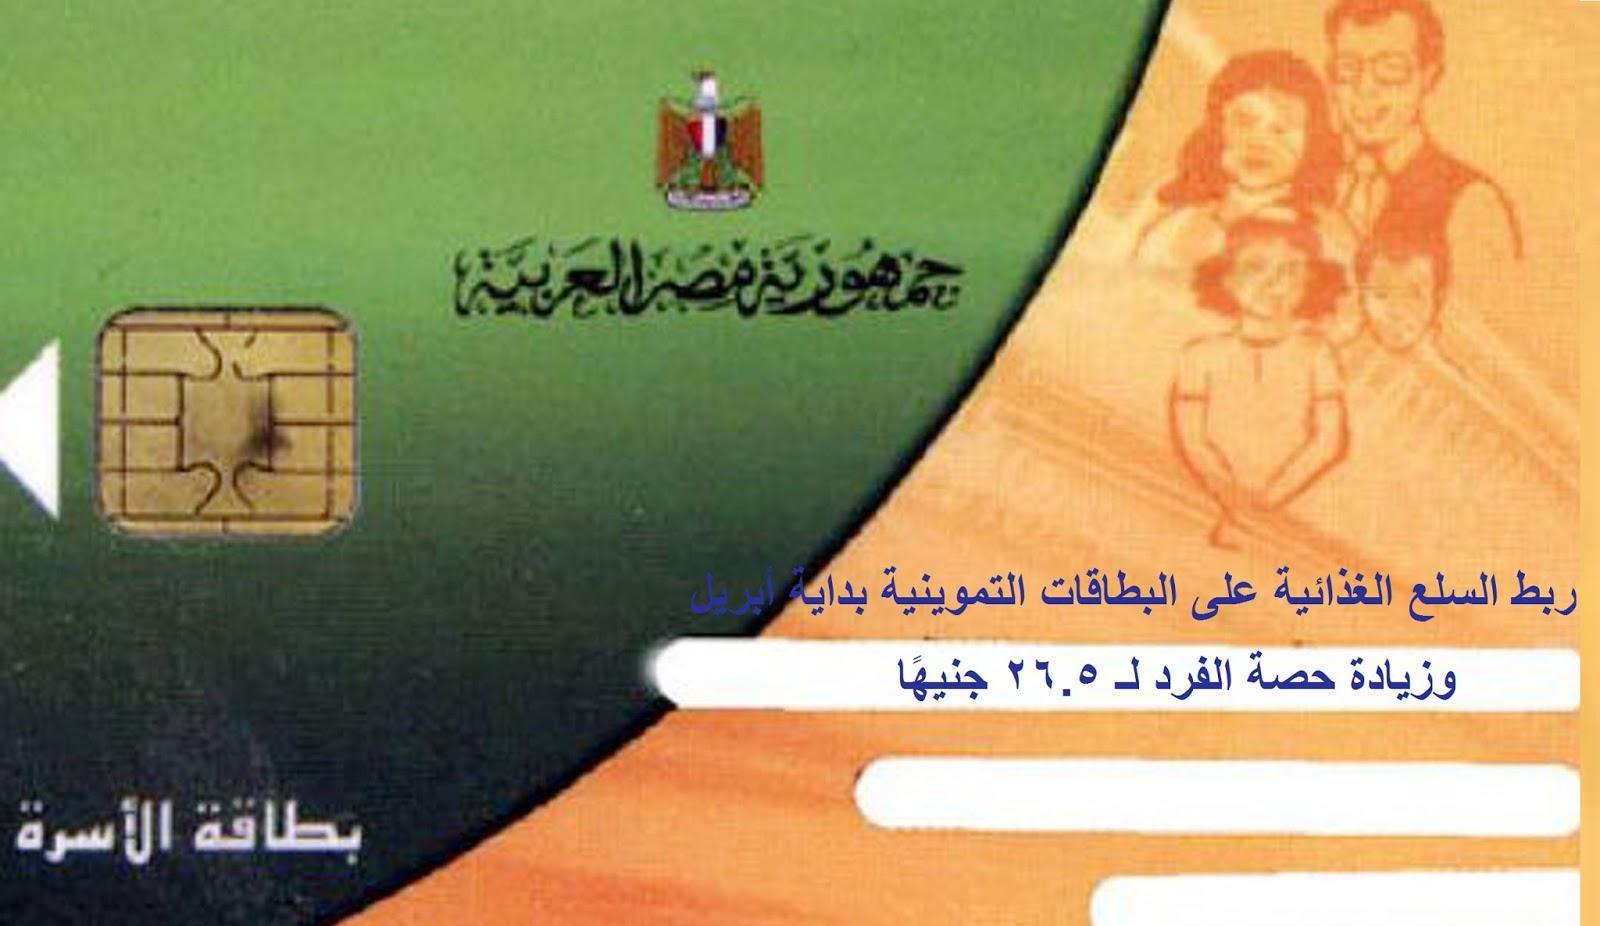 وزارة التموين تربط السلع الغذائية على البطاقات التموينية بداية أبريل وزيادة حصة الفرد بالبطاقة بجميع المحافظات